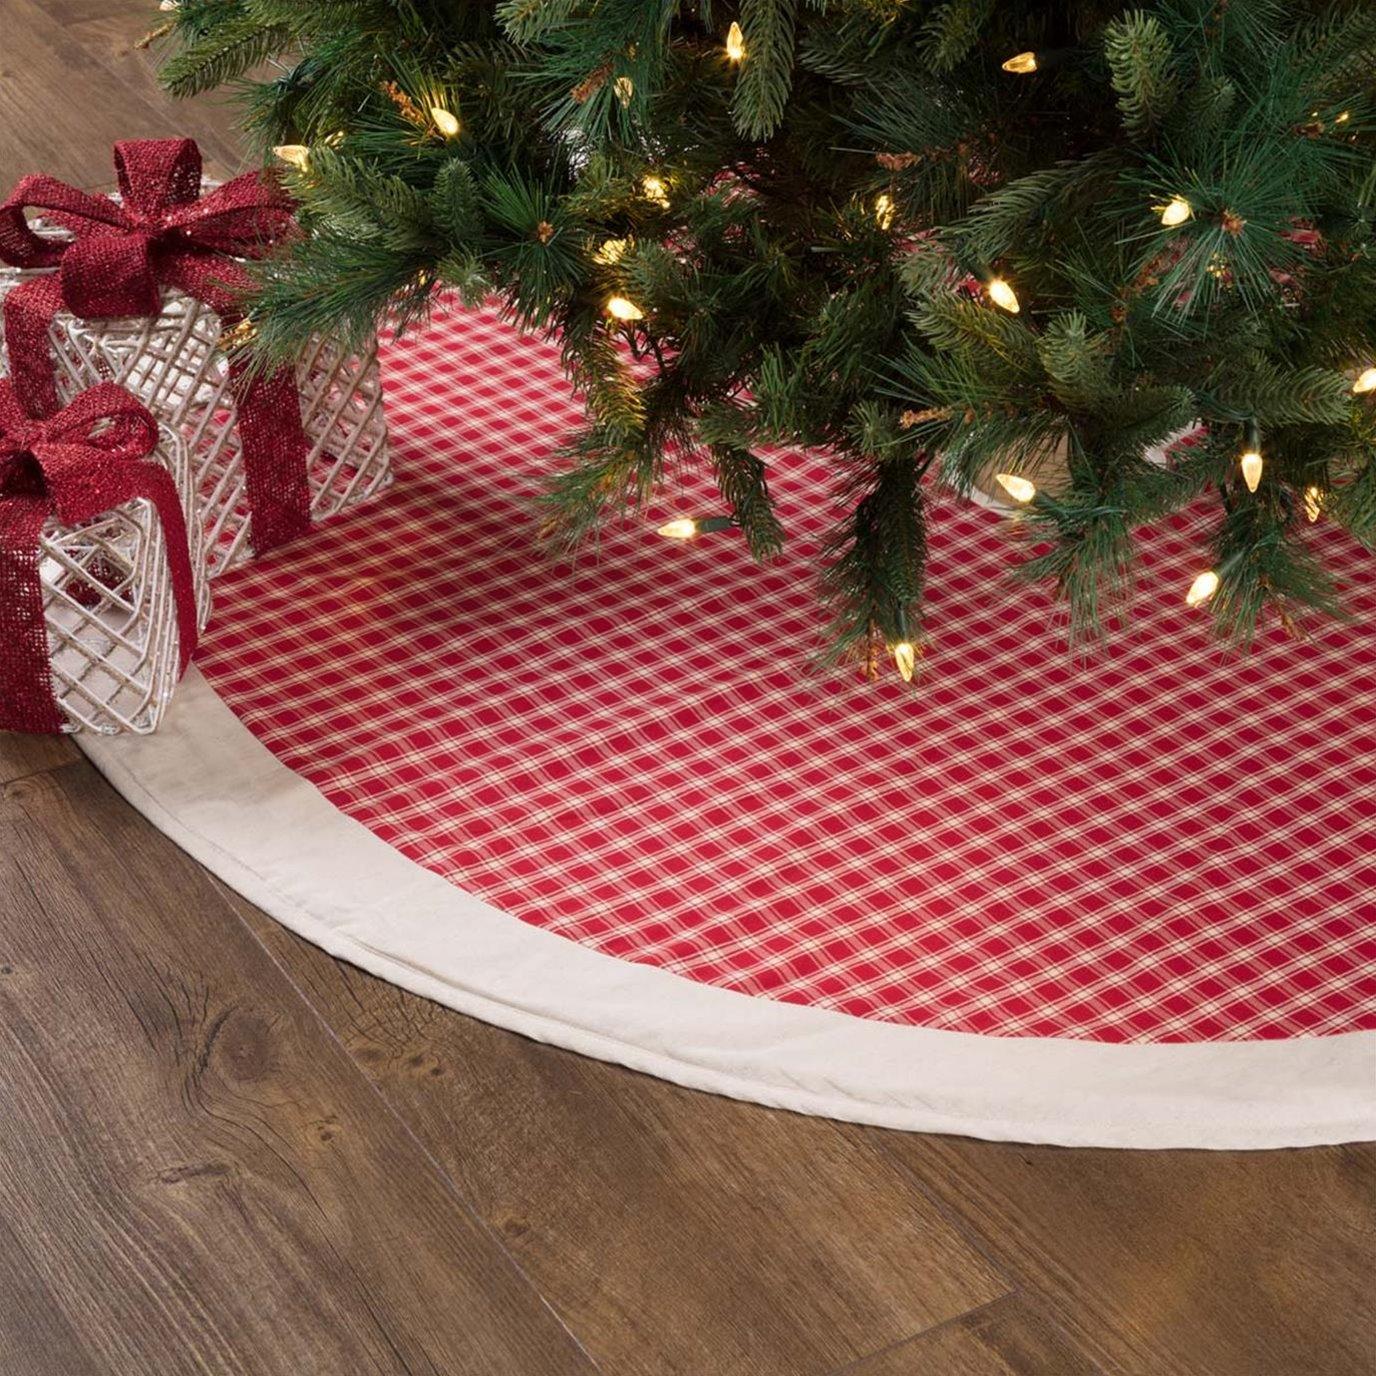 Red Plaid Tree Skirt 55